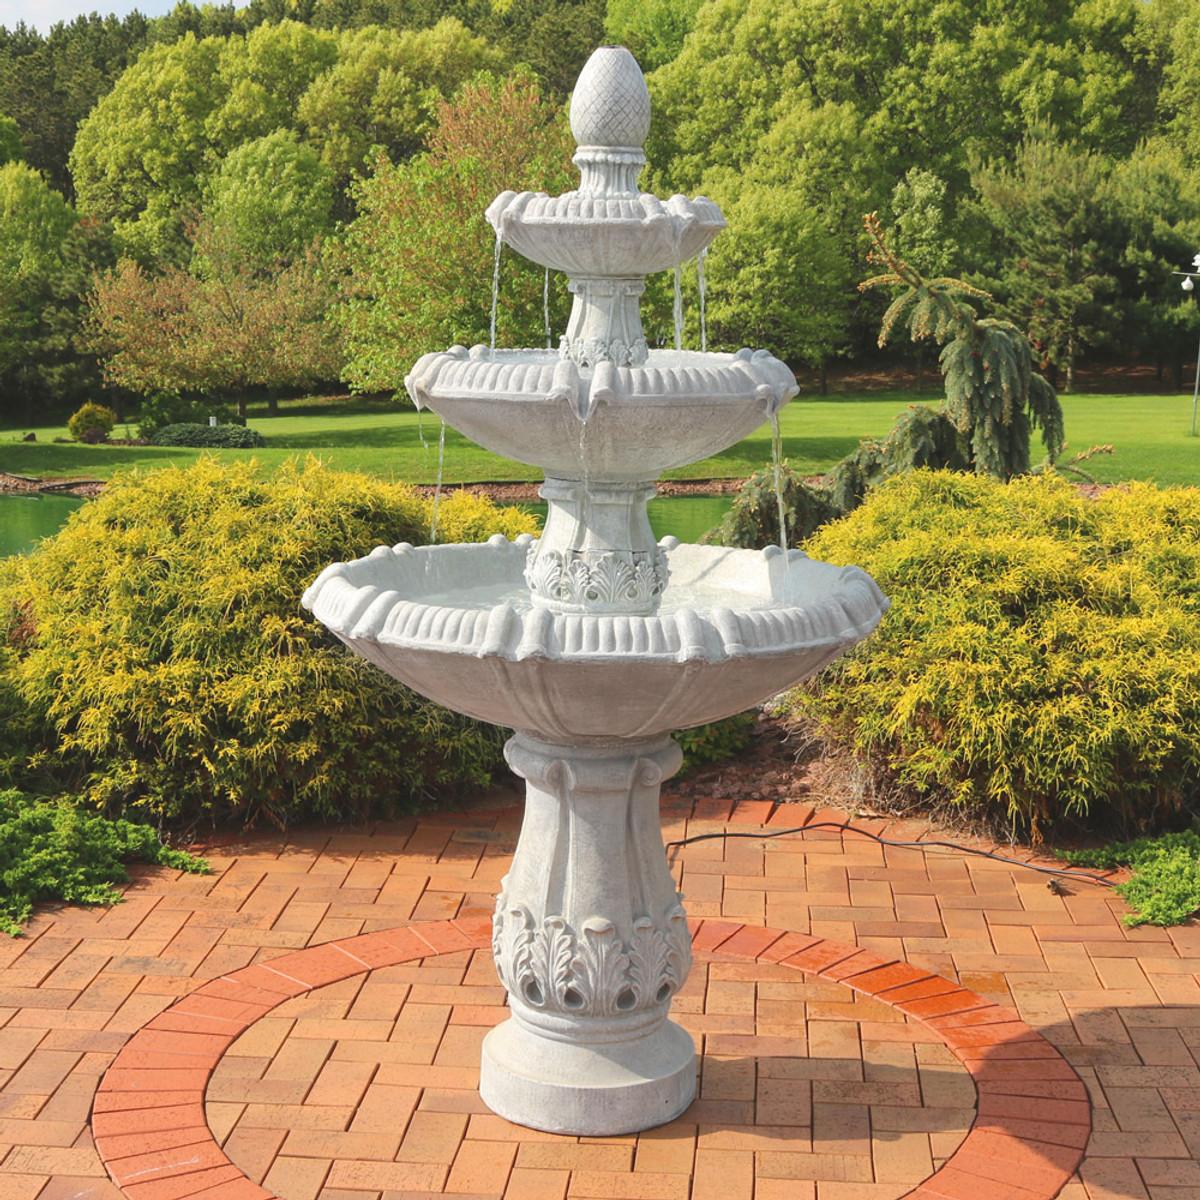 Sunnydaze 3 Tier Gothic Finial Outdoor Garden Water Fountain, 73 Inch Tall